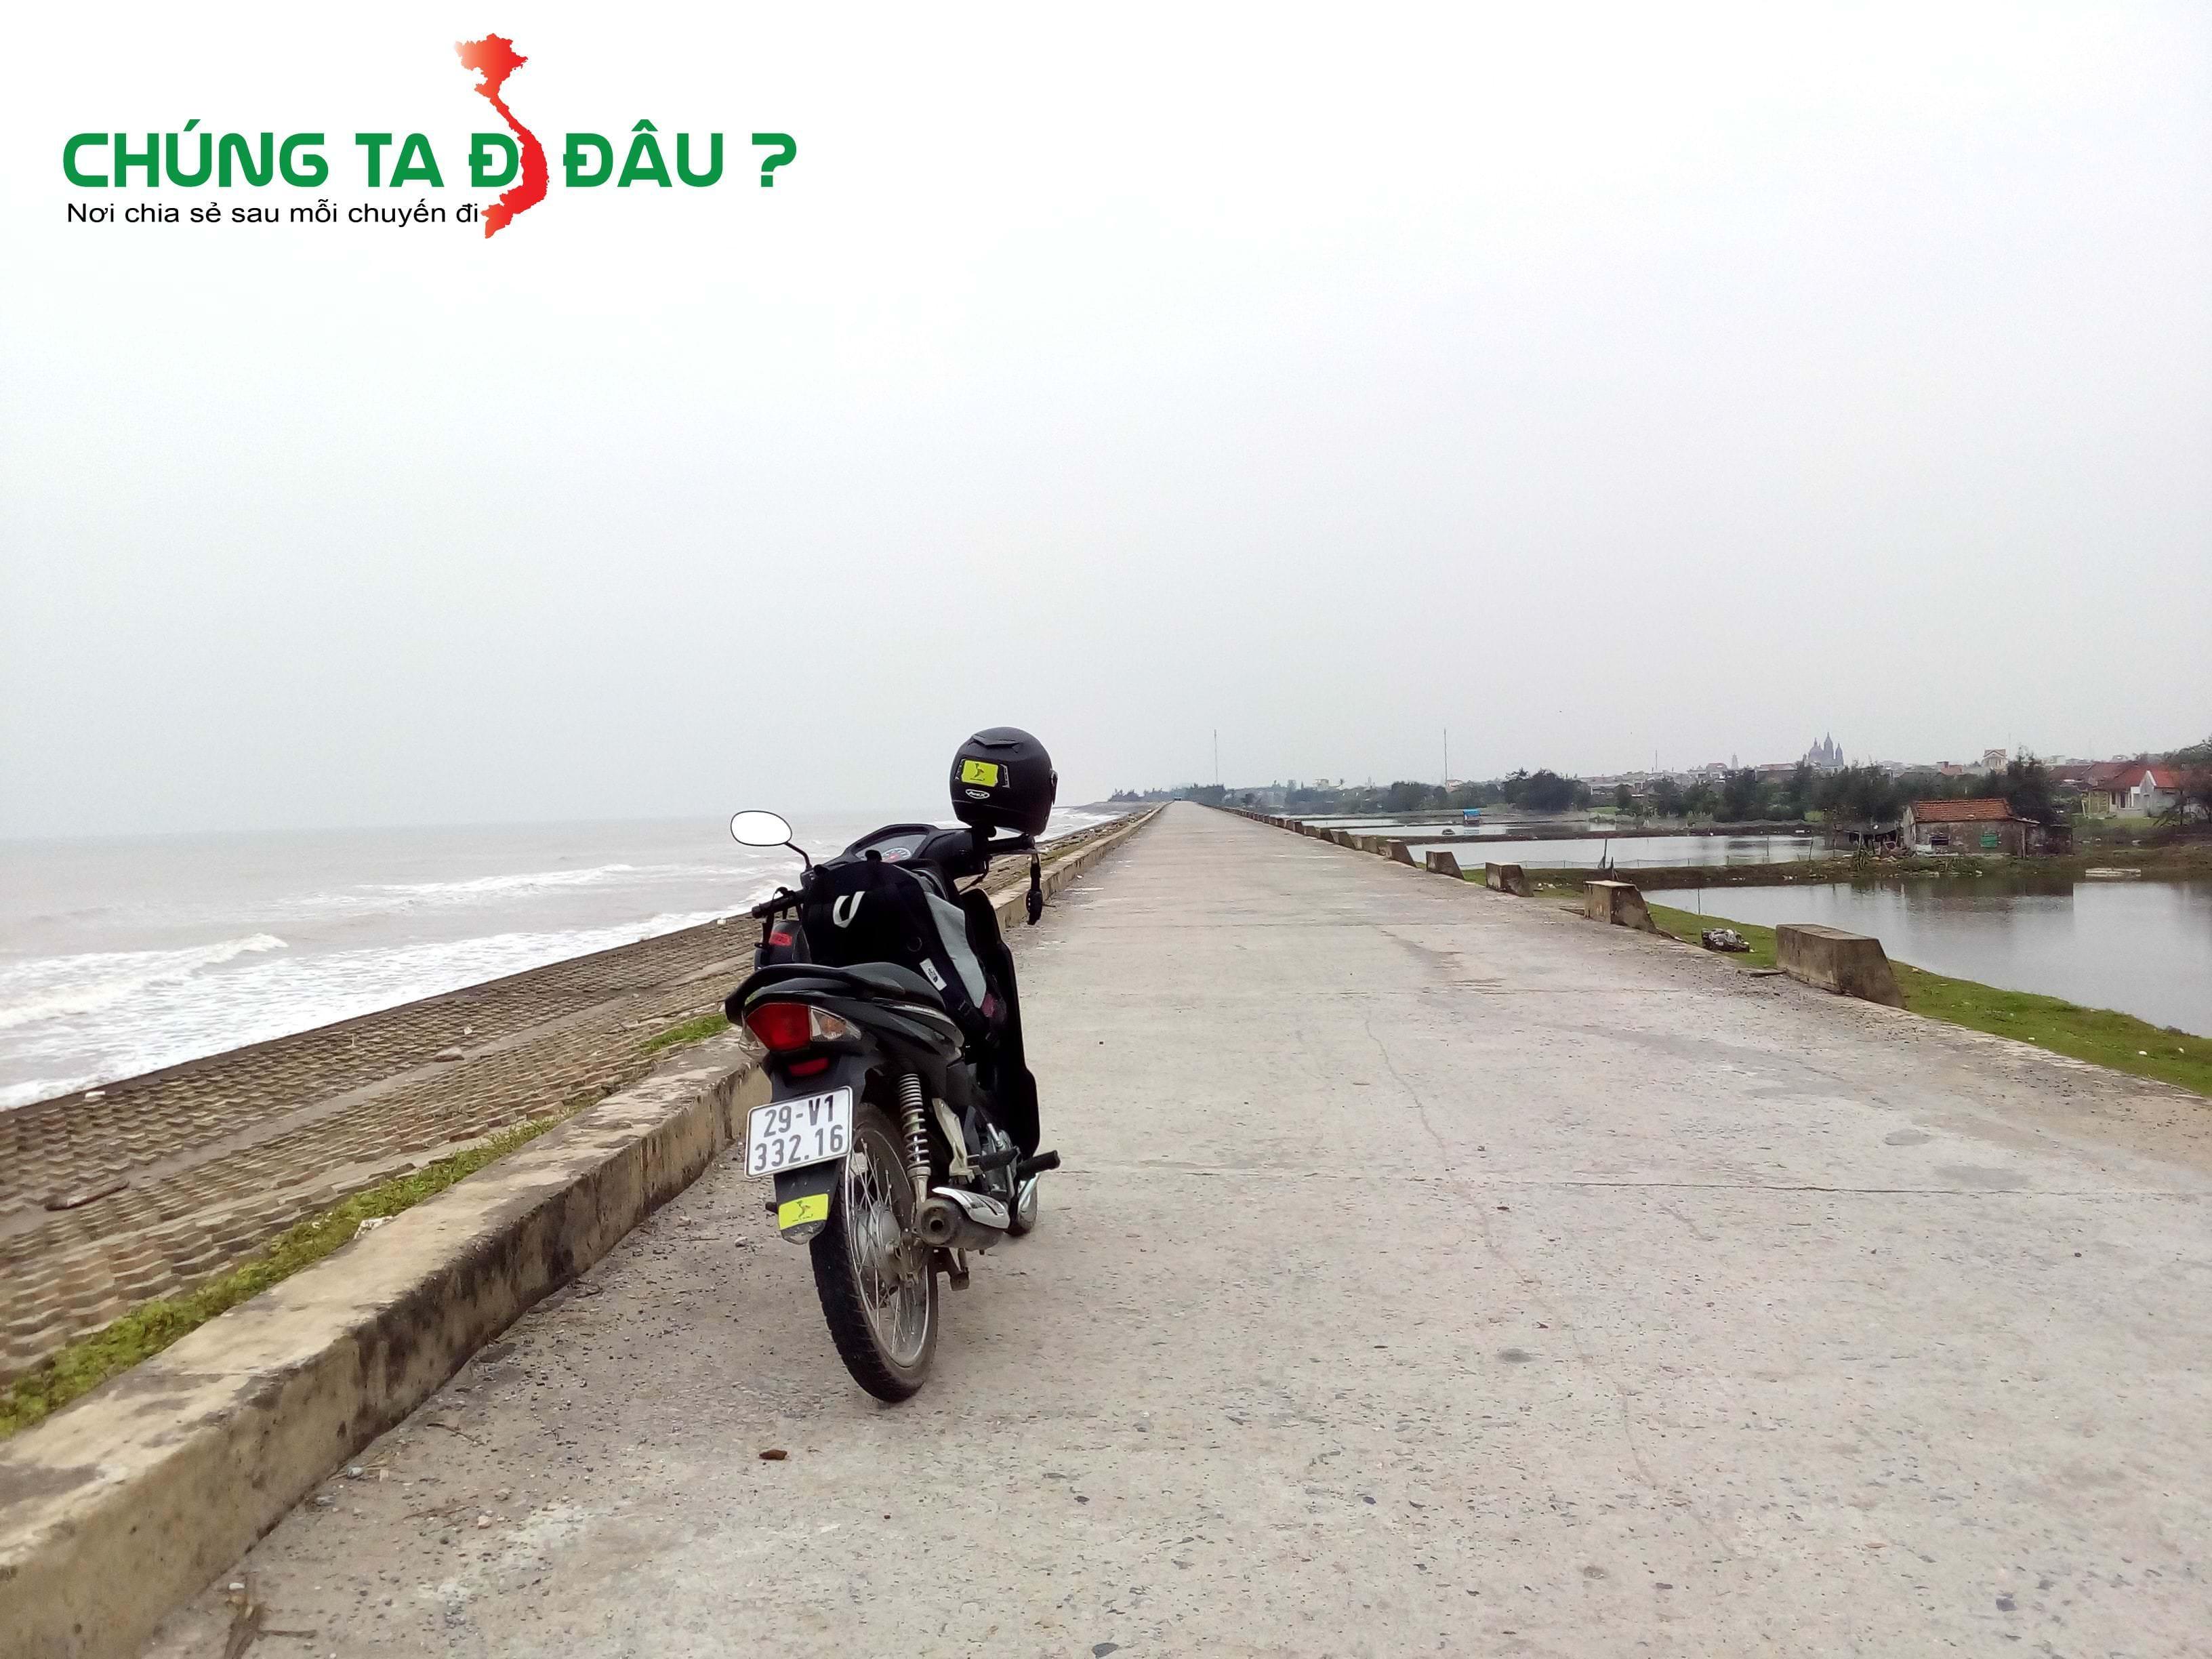 Đi xuôi theo con đường đê biển thẳng tắp